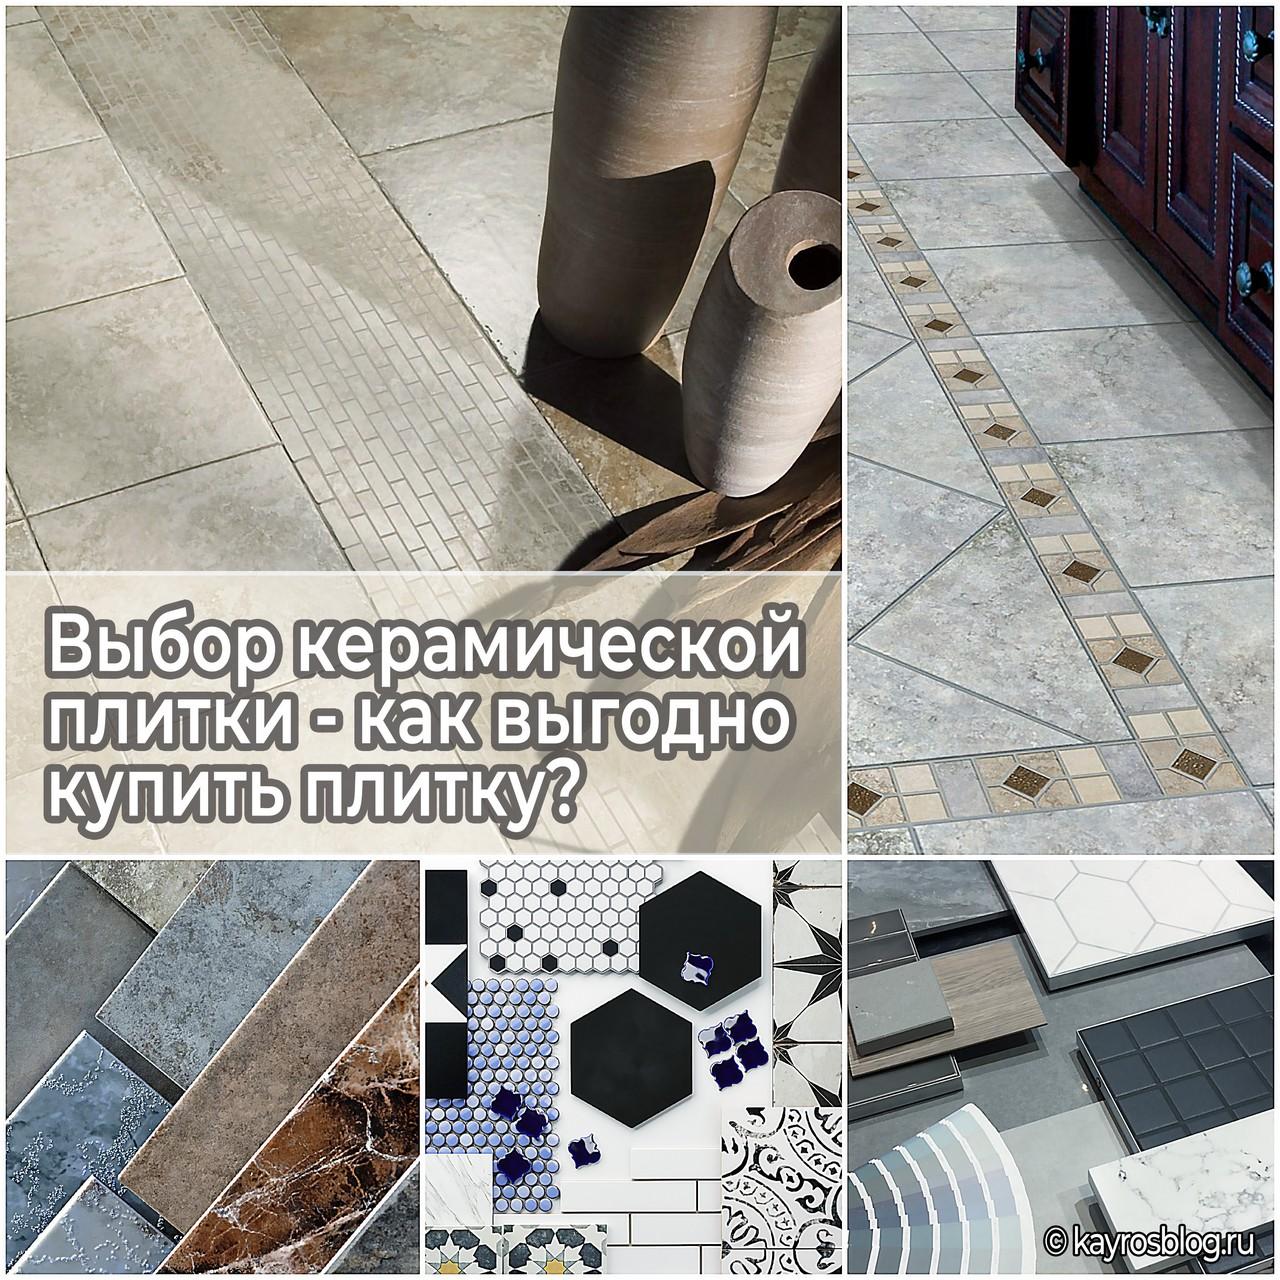 Выбор керамической плитки - как выгодно купить плитку